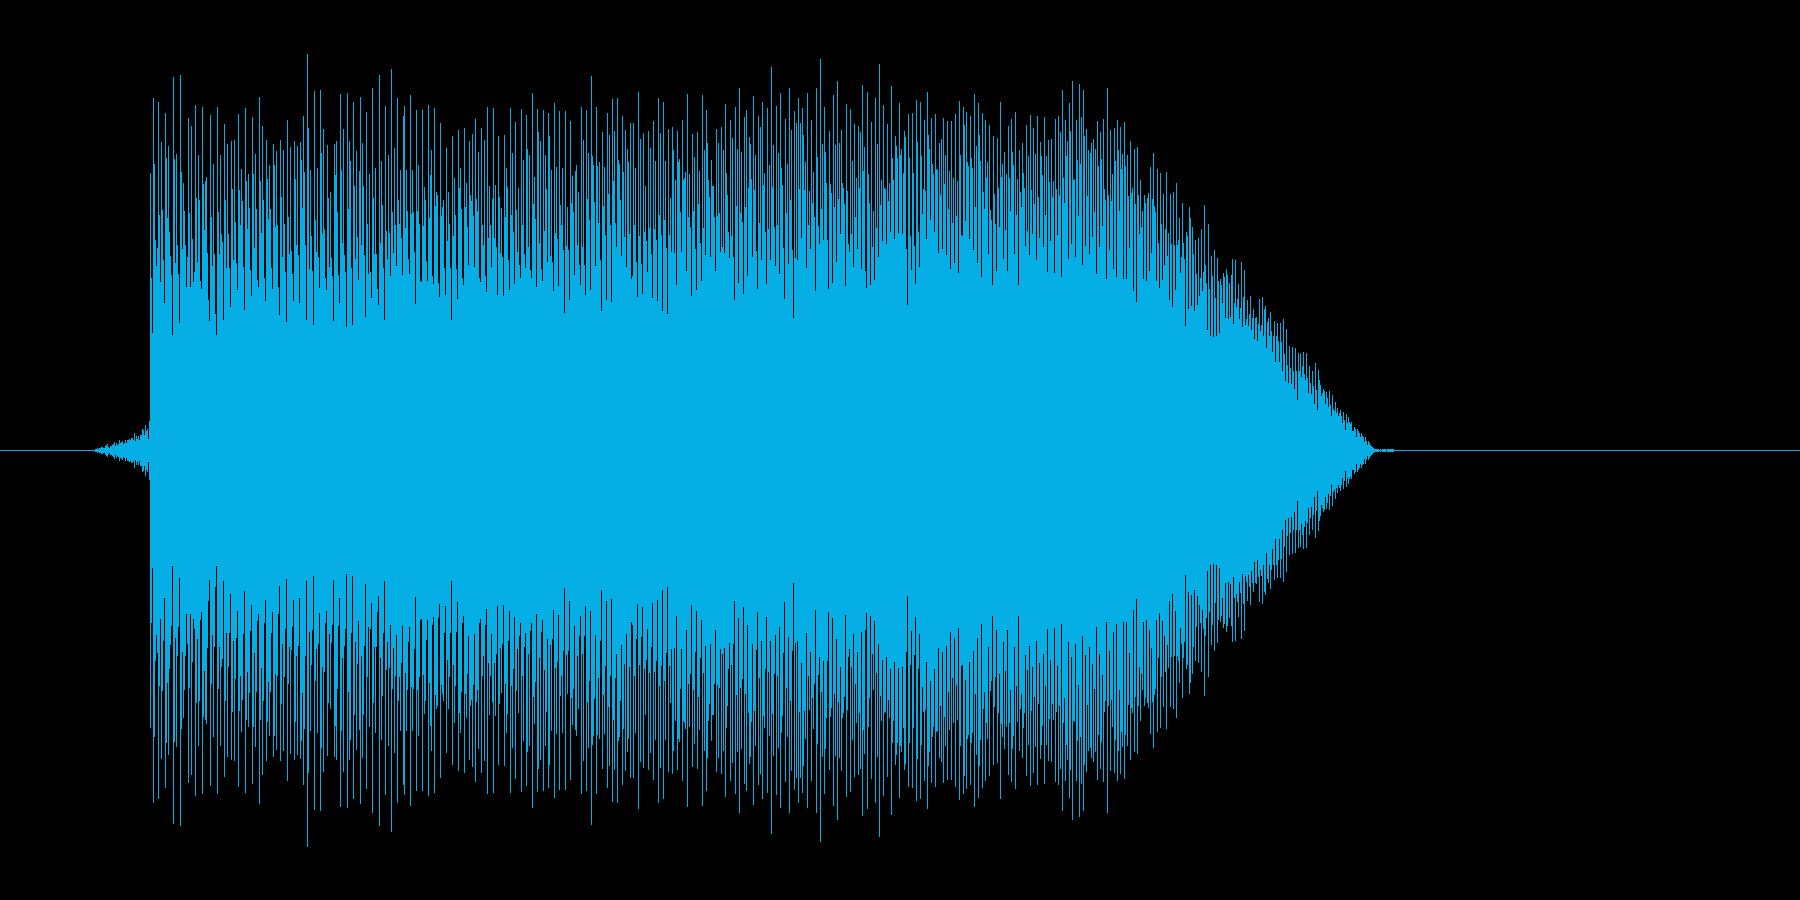 ゲーム(ファミコン風)ジャンプ音_043の再生済みの波形